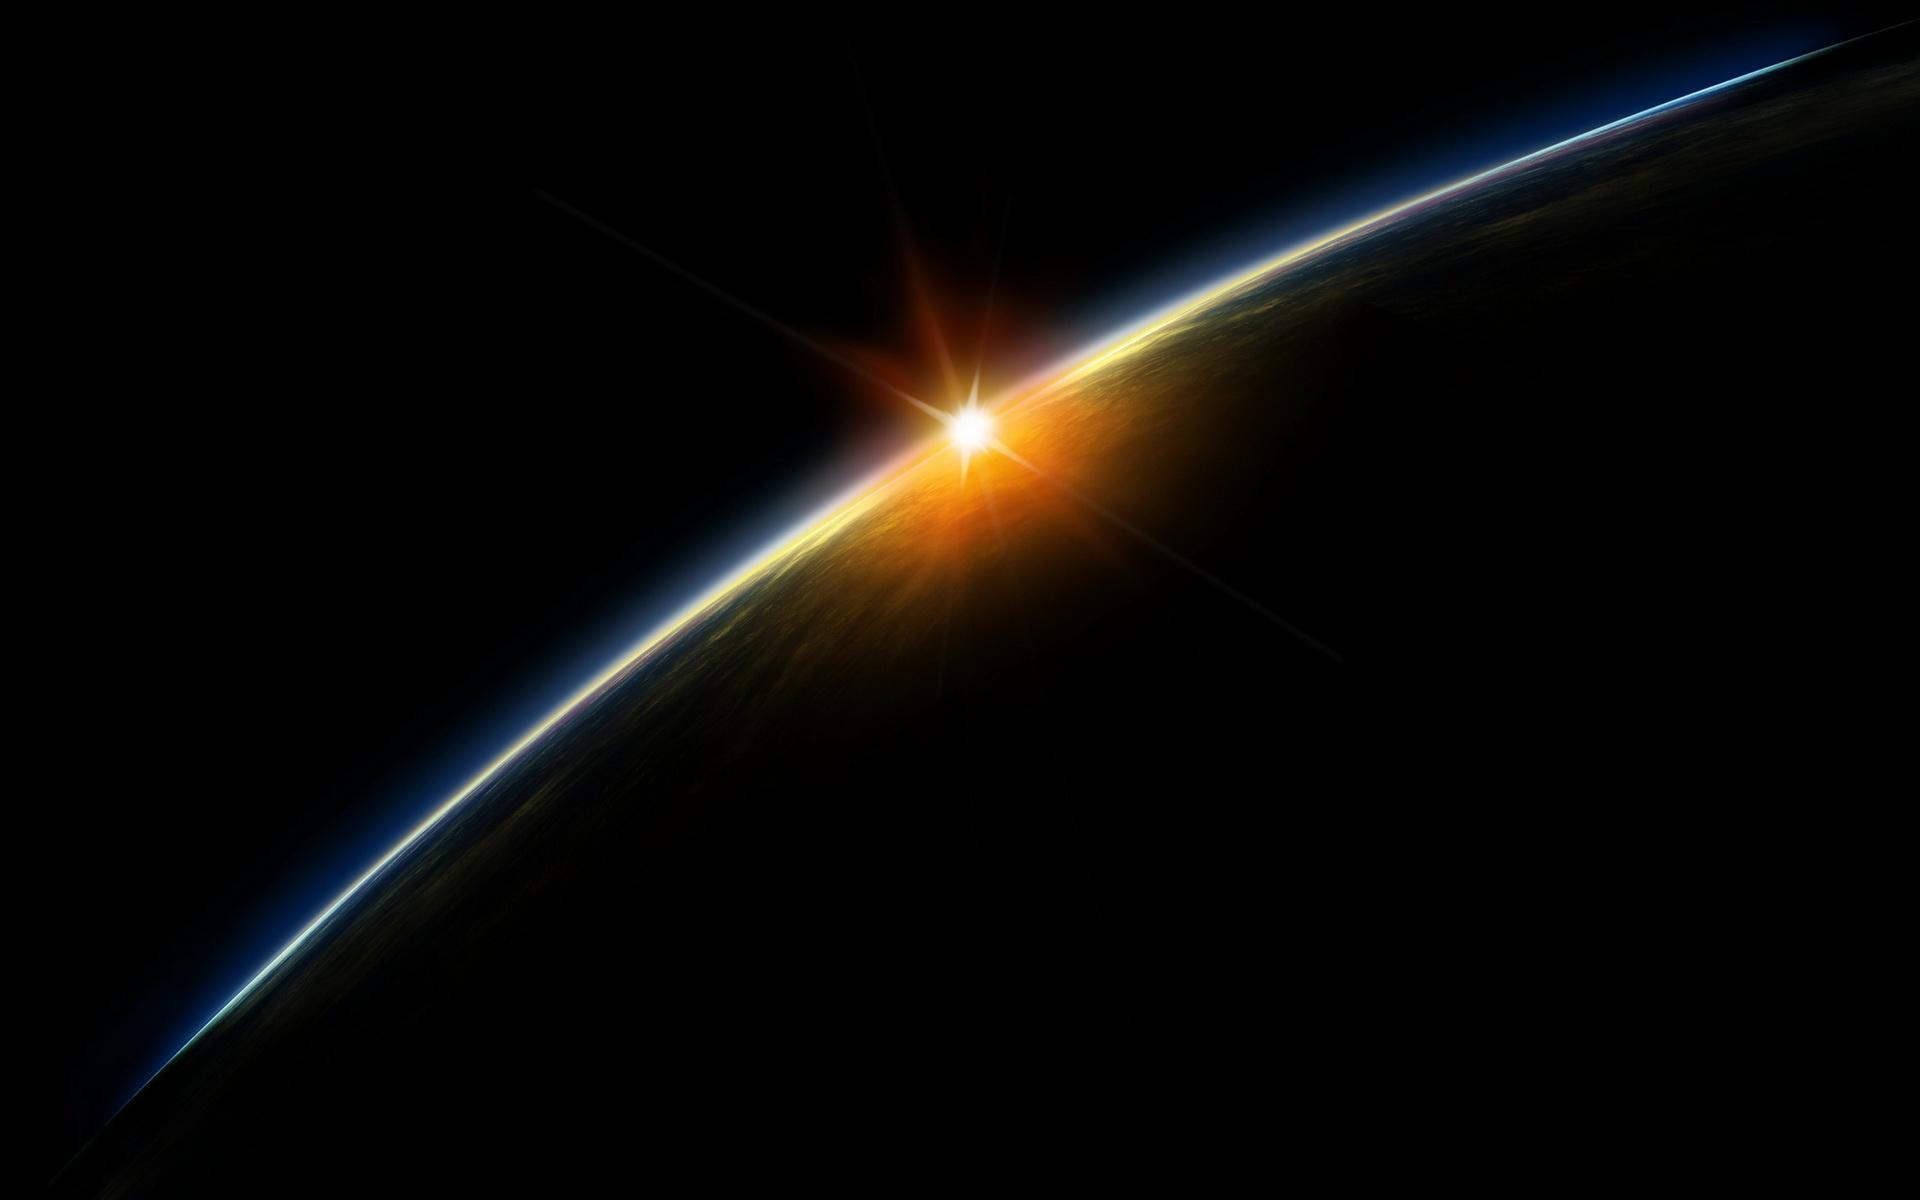 Закат космос земля солнце обои для